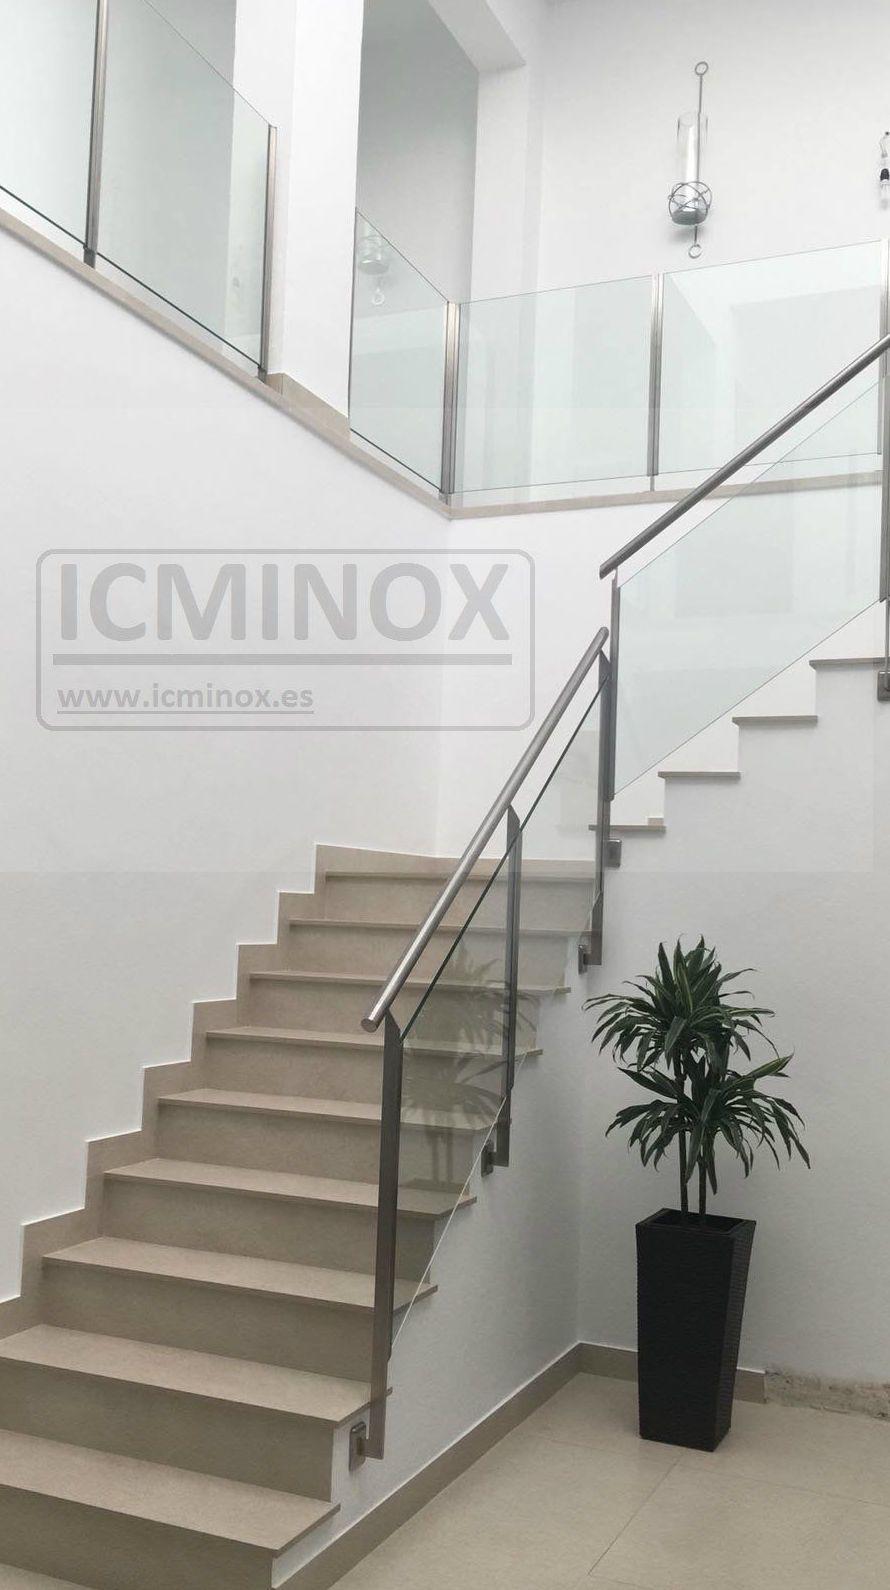 Foto 33 de Especialistas en diseños y proyectos en acero inoxidable en Alcalá de Guadaíra | Icminox